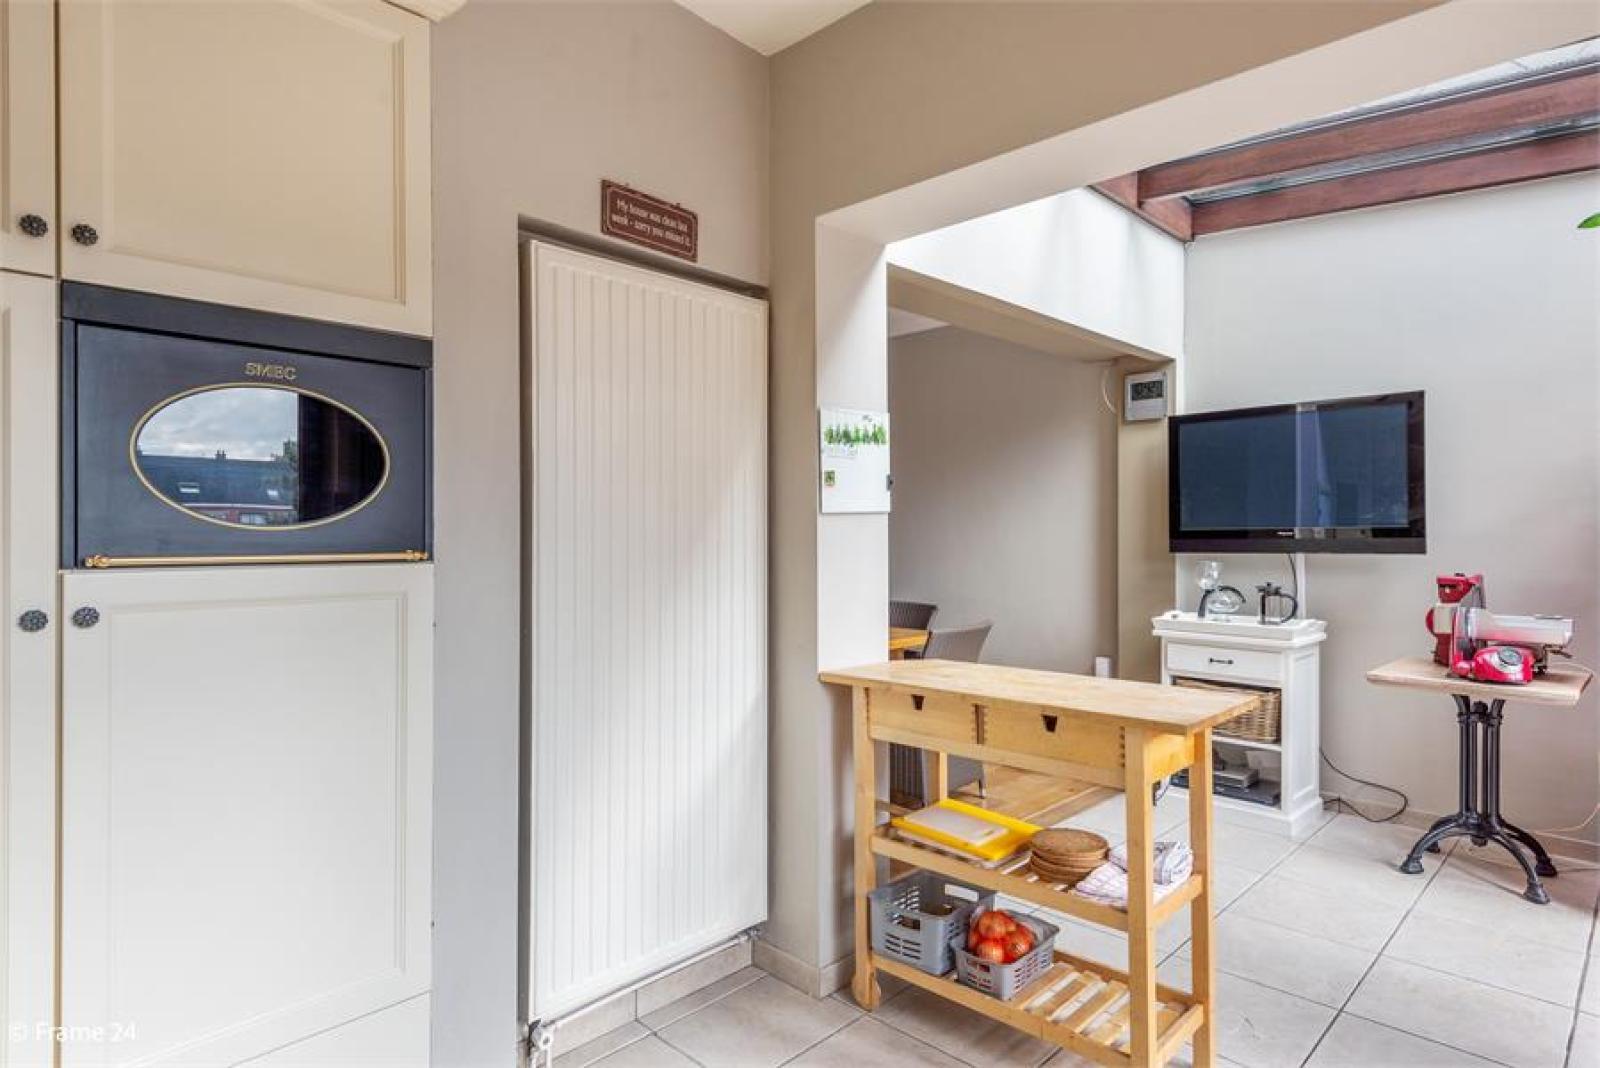 Verzorgde bel-étage met 3 slaapkamers, tuin en garage nabij centrum Wijnegem gelegen. afbeelding 13